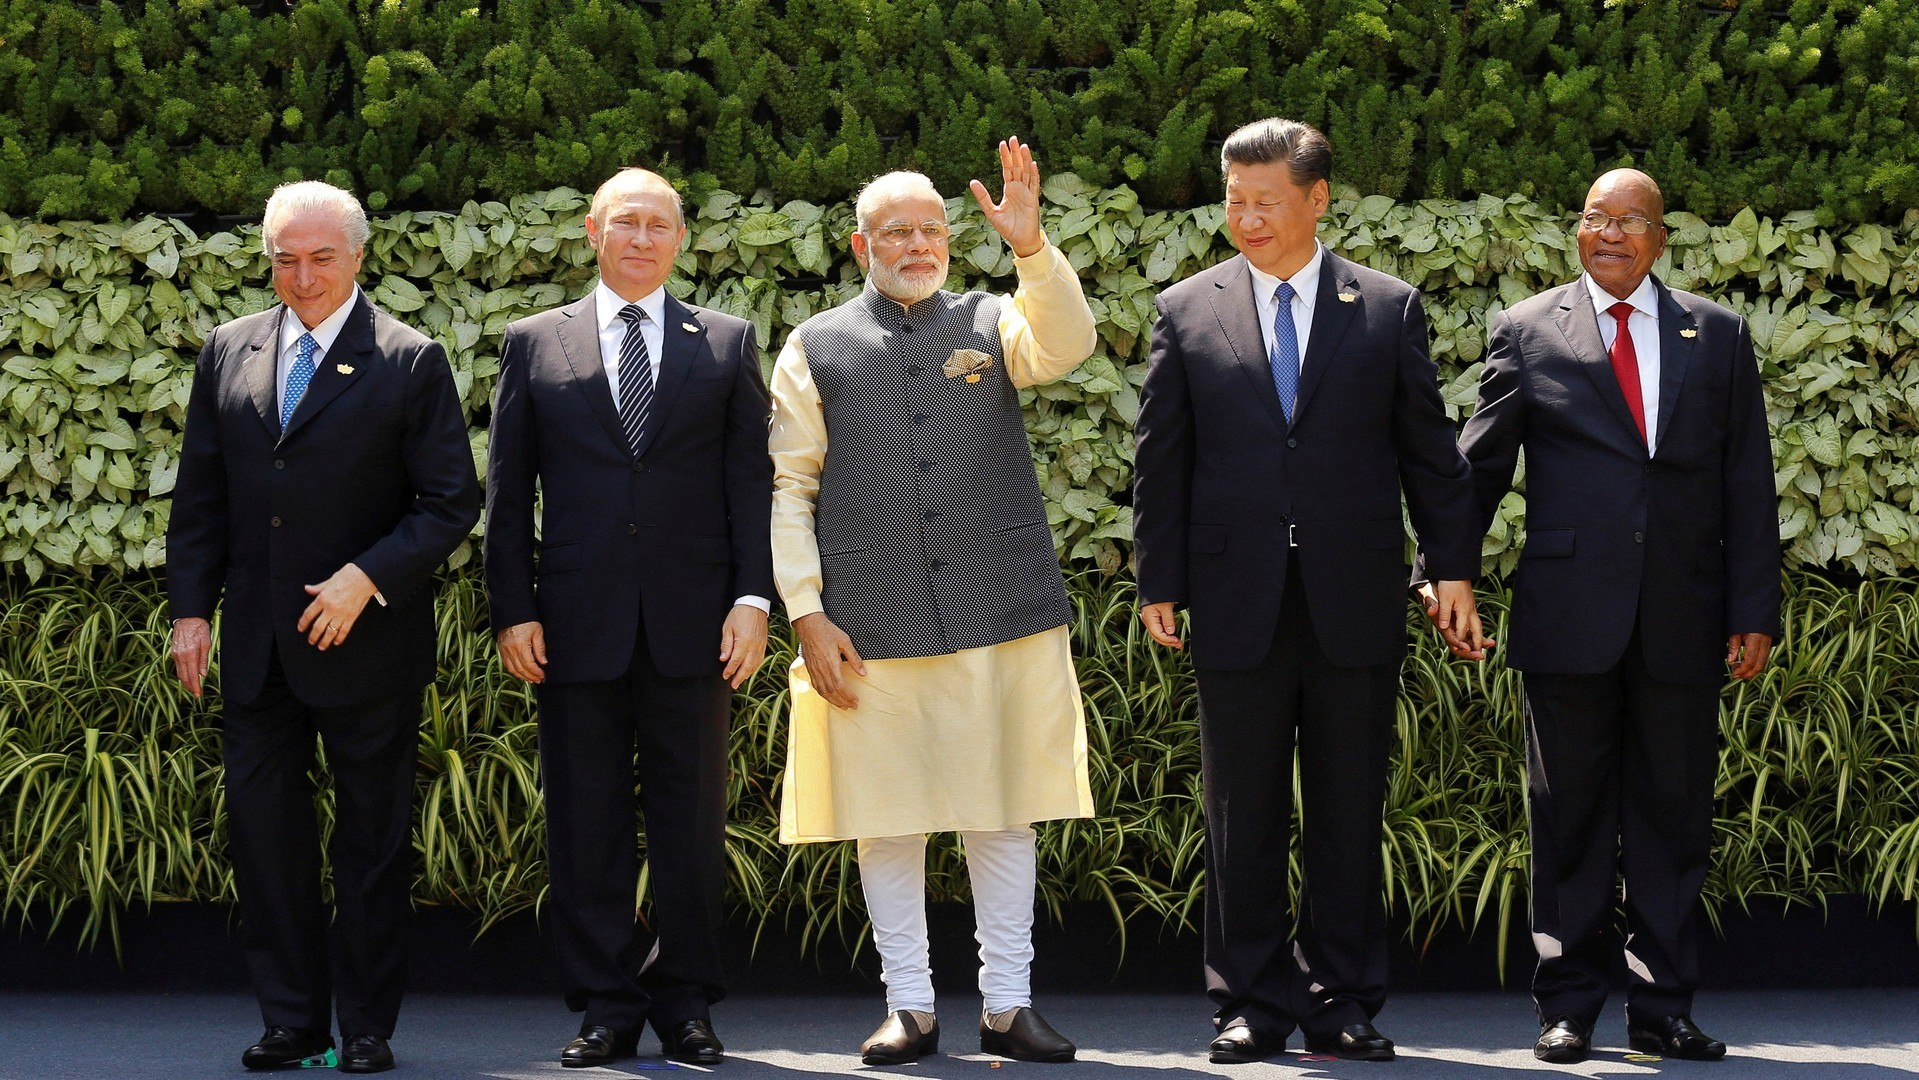 Вместе против доллара: чем вызван активный интерес к саммиту БРИКС